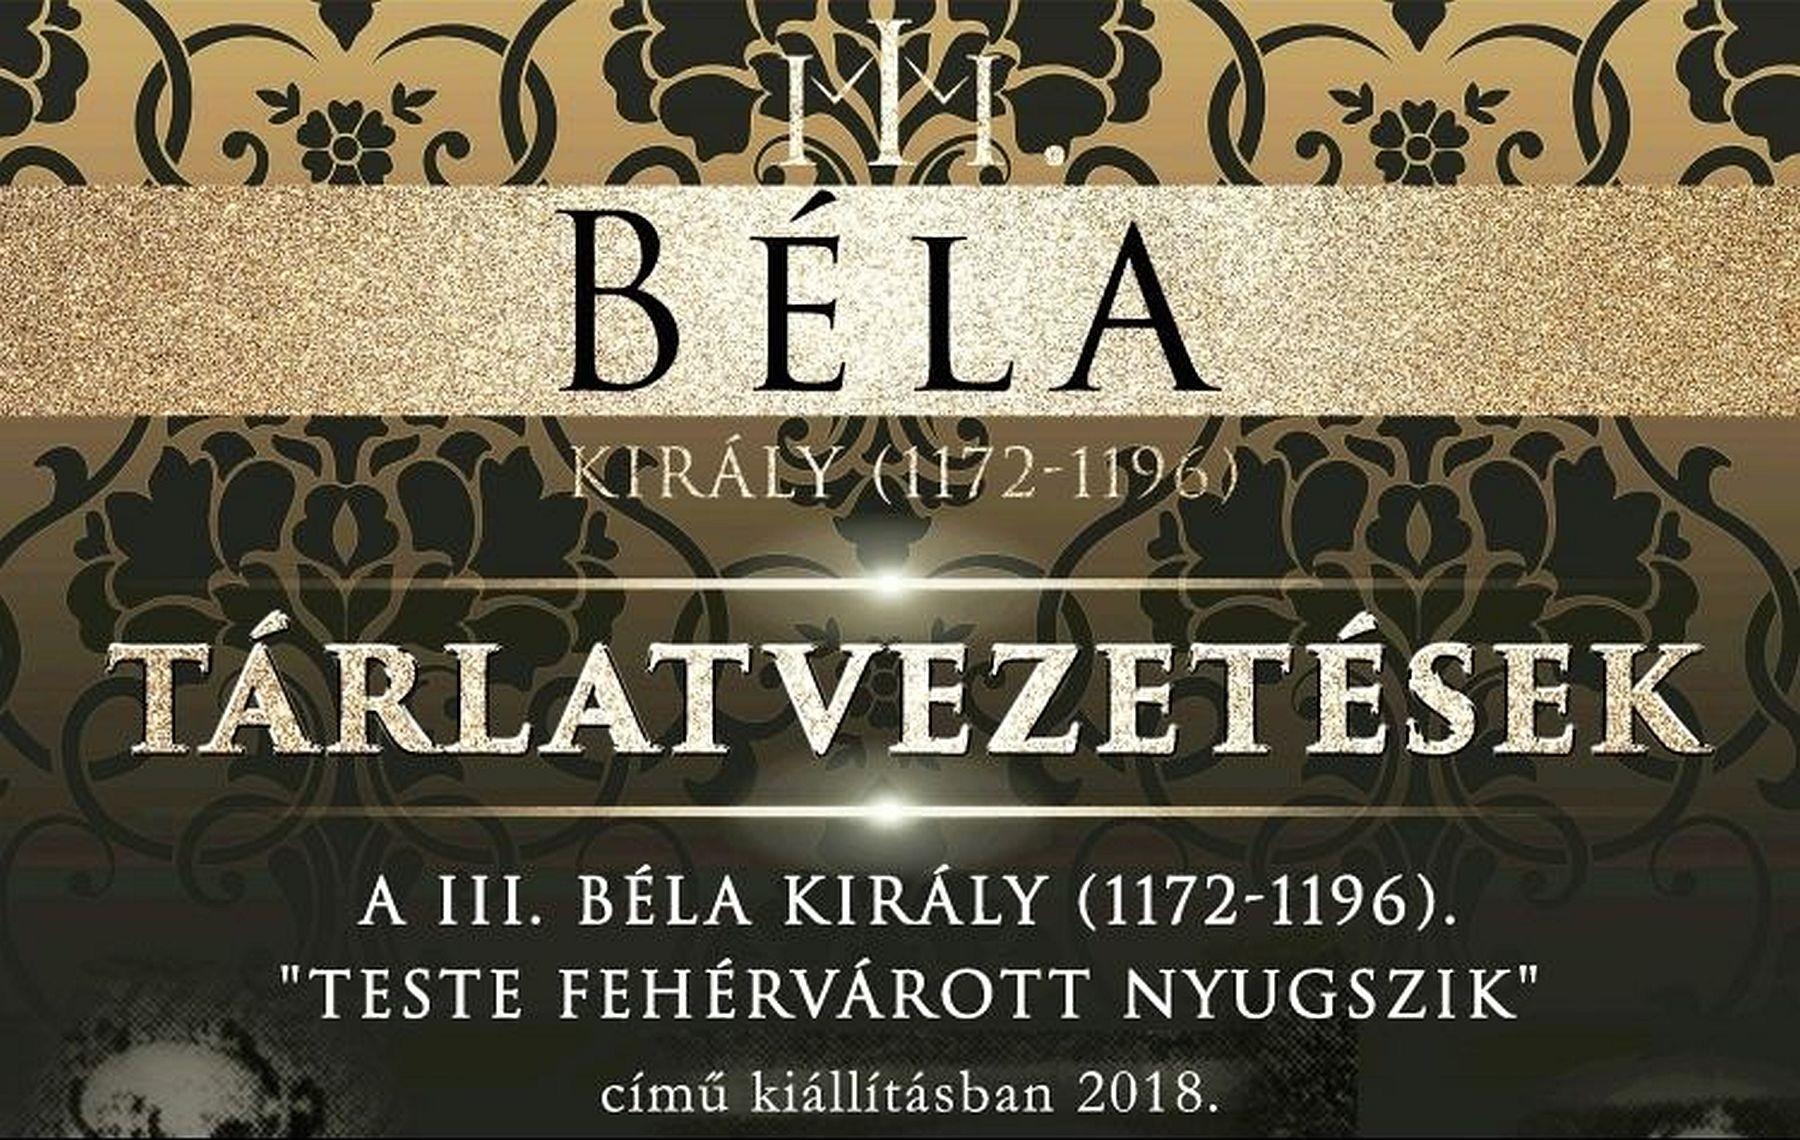 Április 18-án folytatódnak a tárlatvezetések a III. Béla életét bemutató fehérvári kiállításon